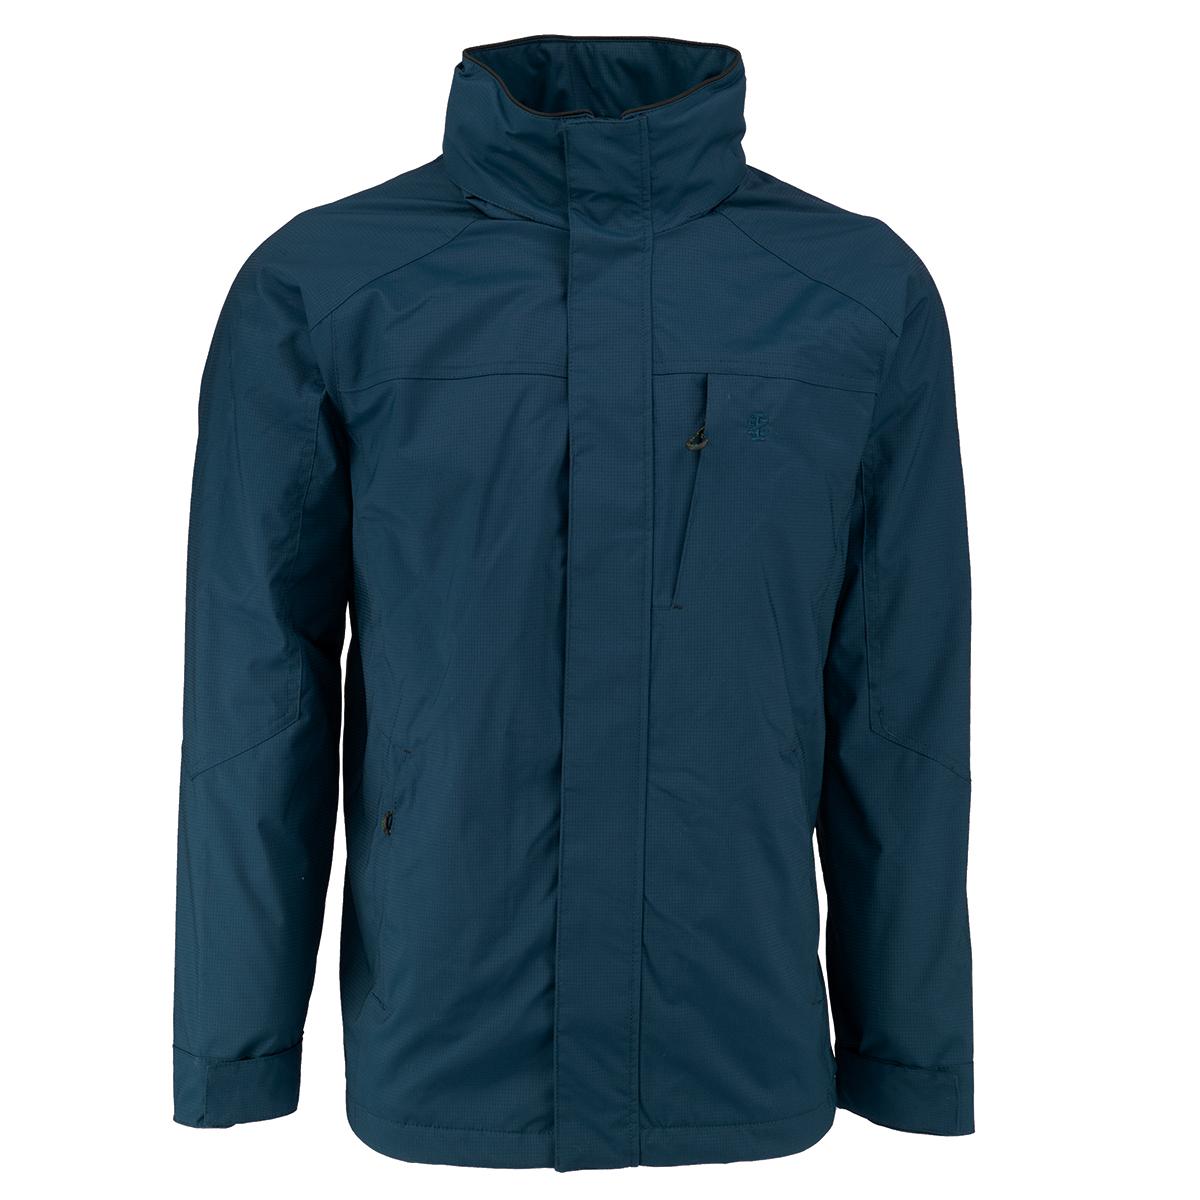 IZOD-Men-039-s-Midweight-Polar-Fleece-Lined-Jacket thumbnail 17